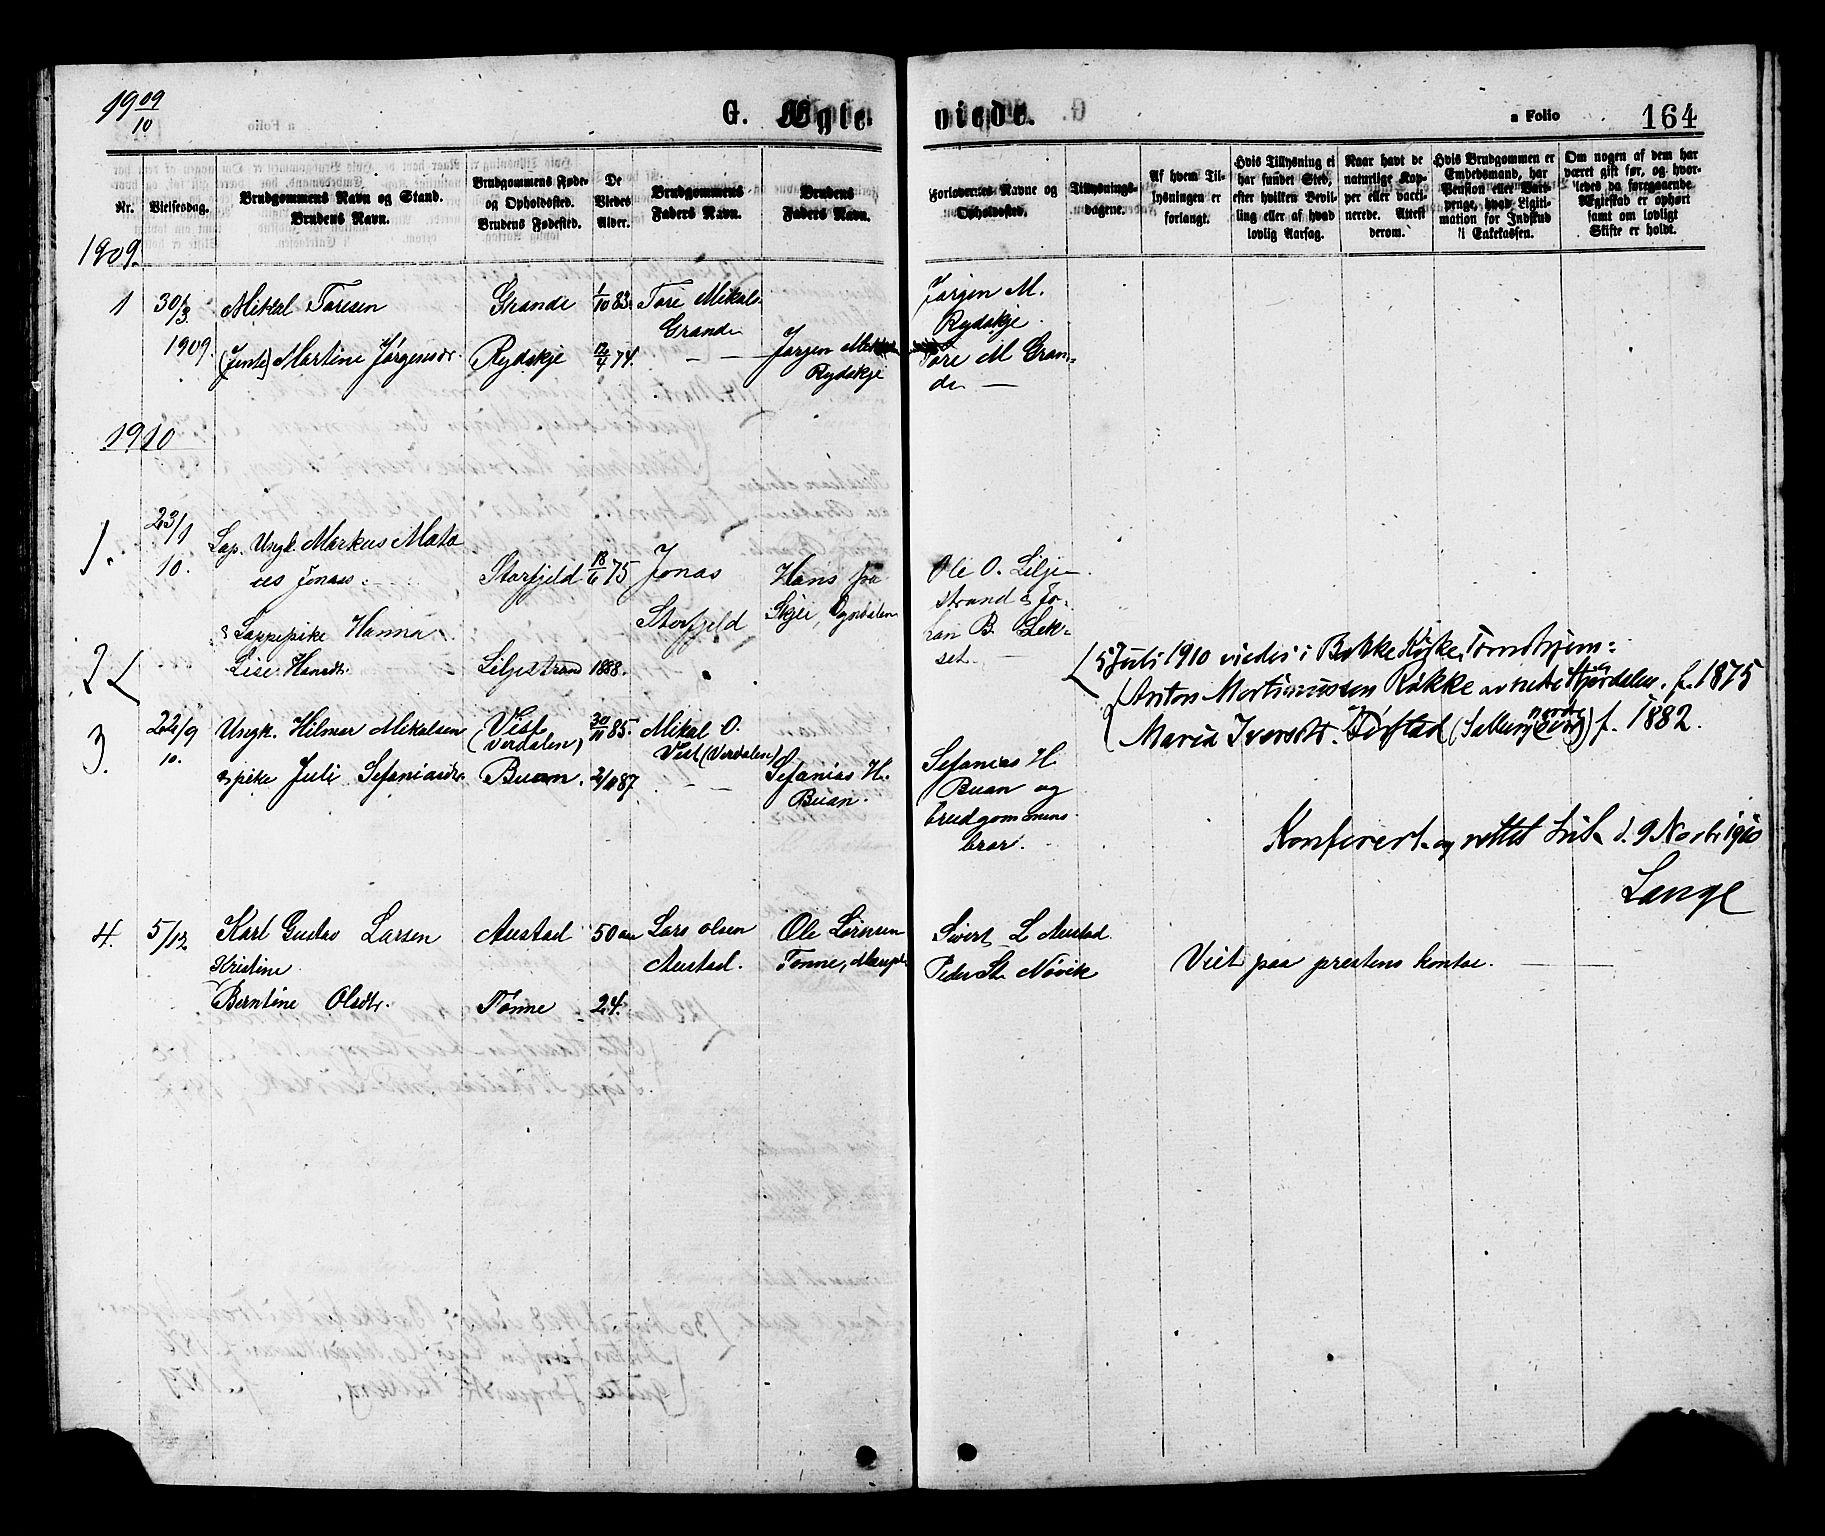 SAT, Ministerialprotokoller, klokkerbøker og fødselsregistre - Nord-Trøndelag, 731/L0311: Klokkerbok nr. 731C02, 1875-1911, s. 164